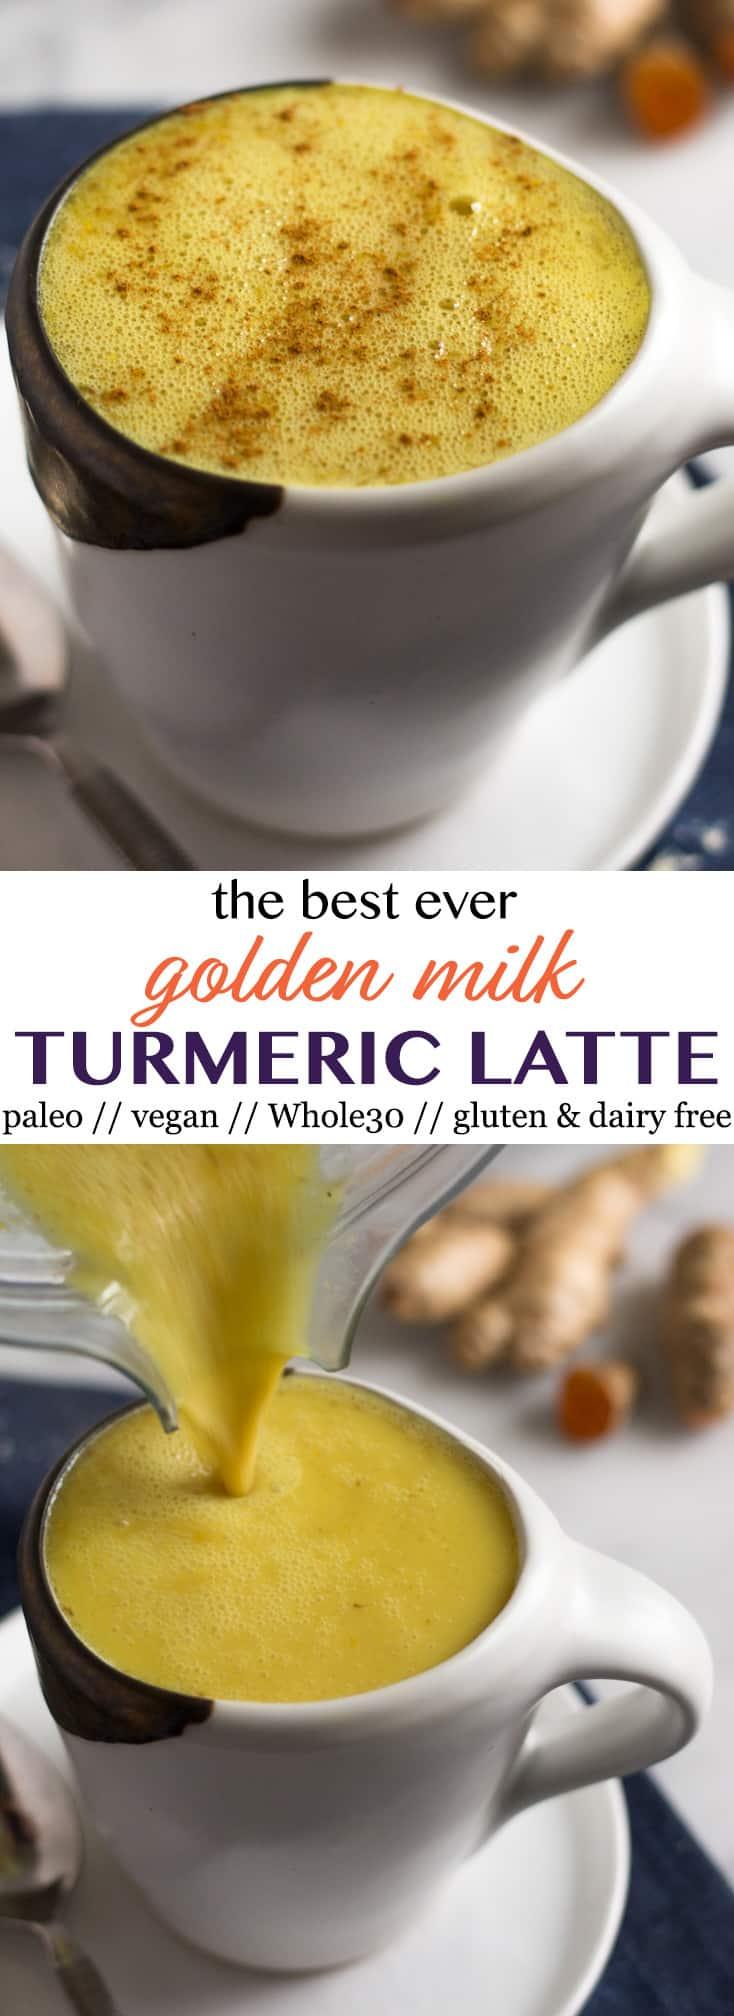 Pinterest image for The Best Ever Golden Milk Turmeric Latte